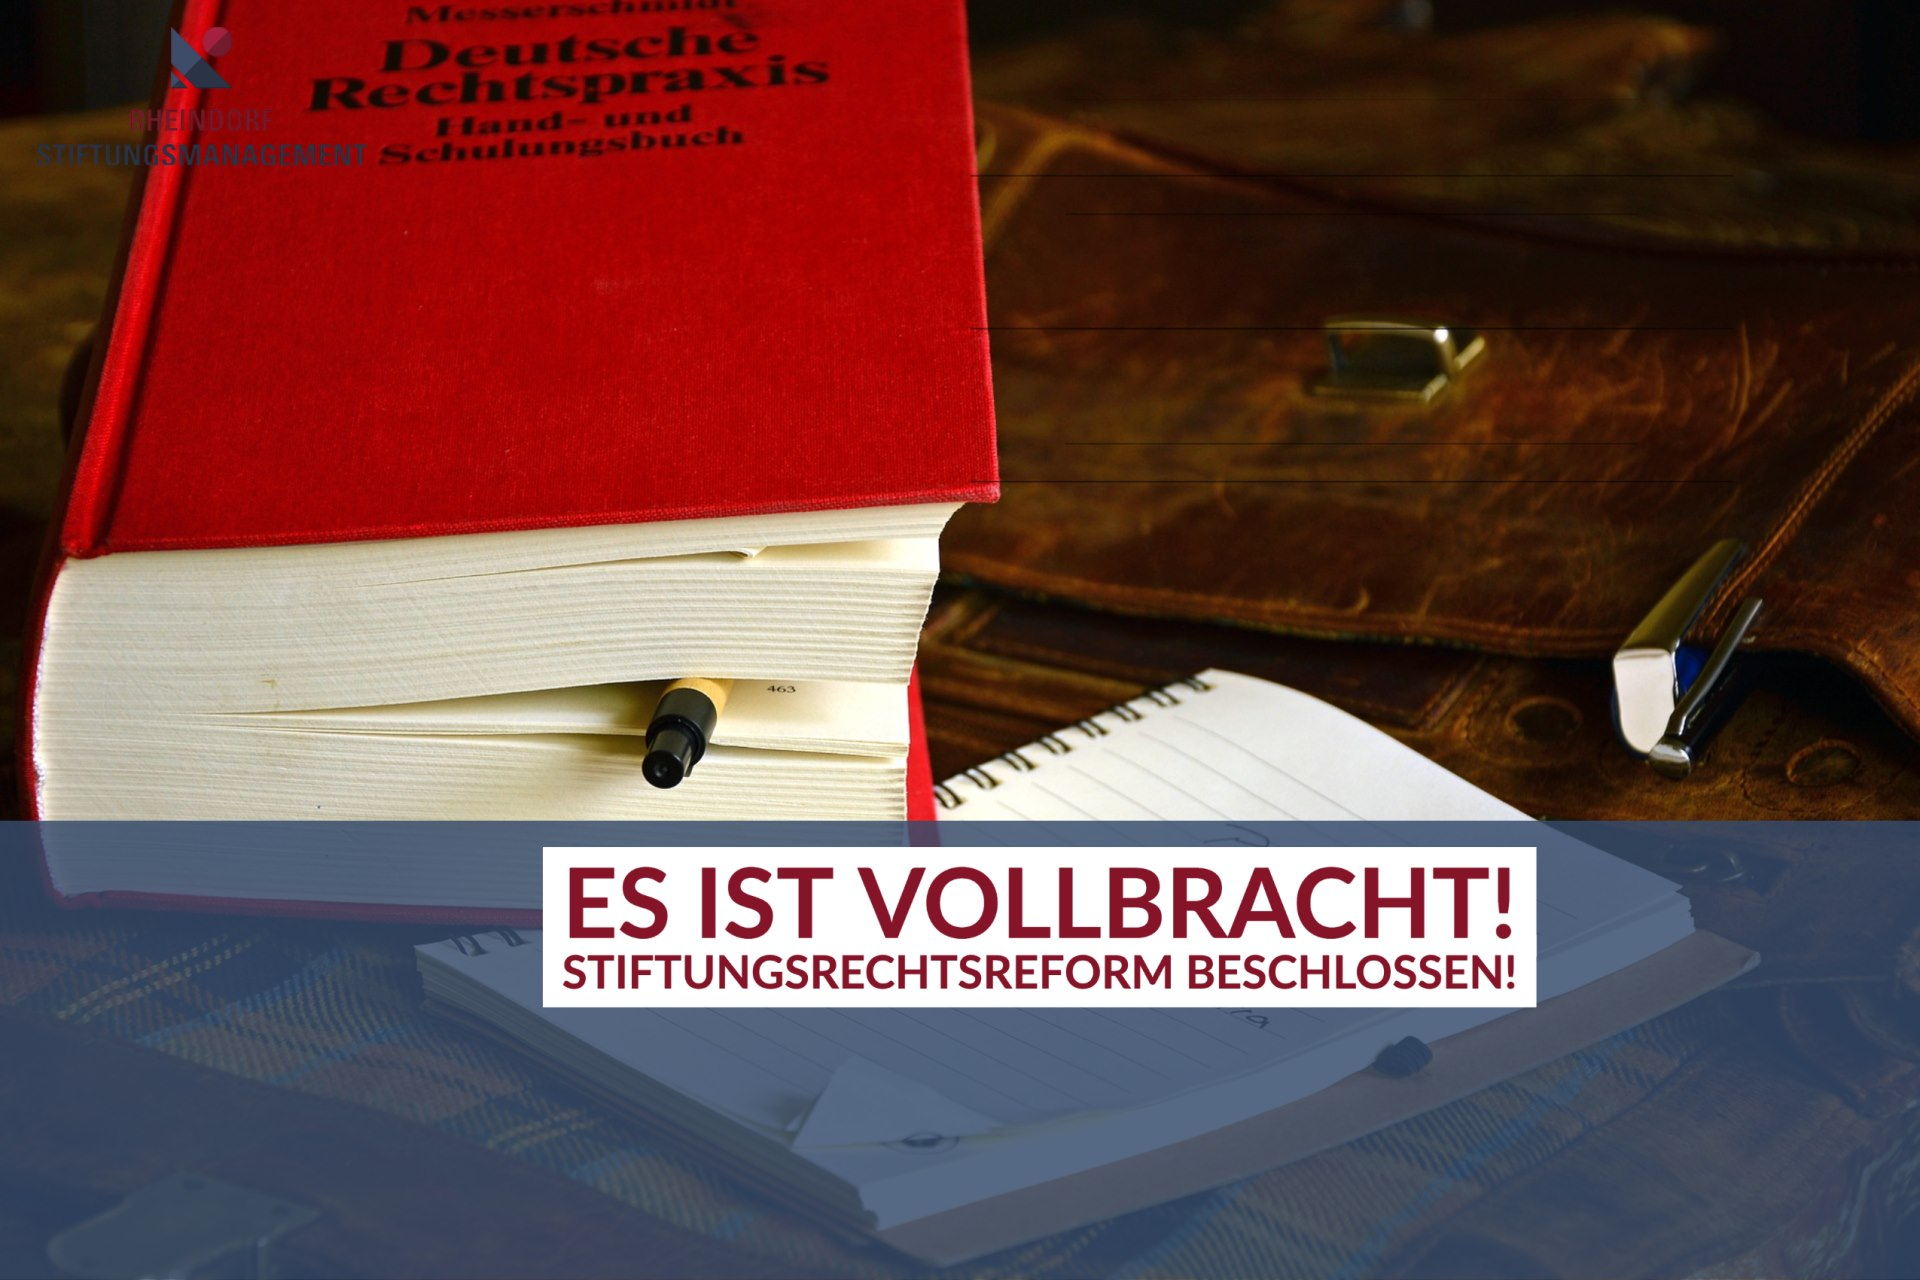 Vollbracht: Stiftungsrechtsreform beschlossen!